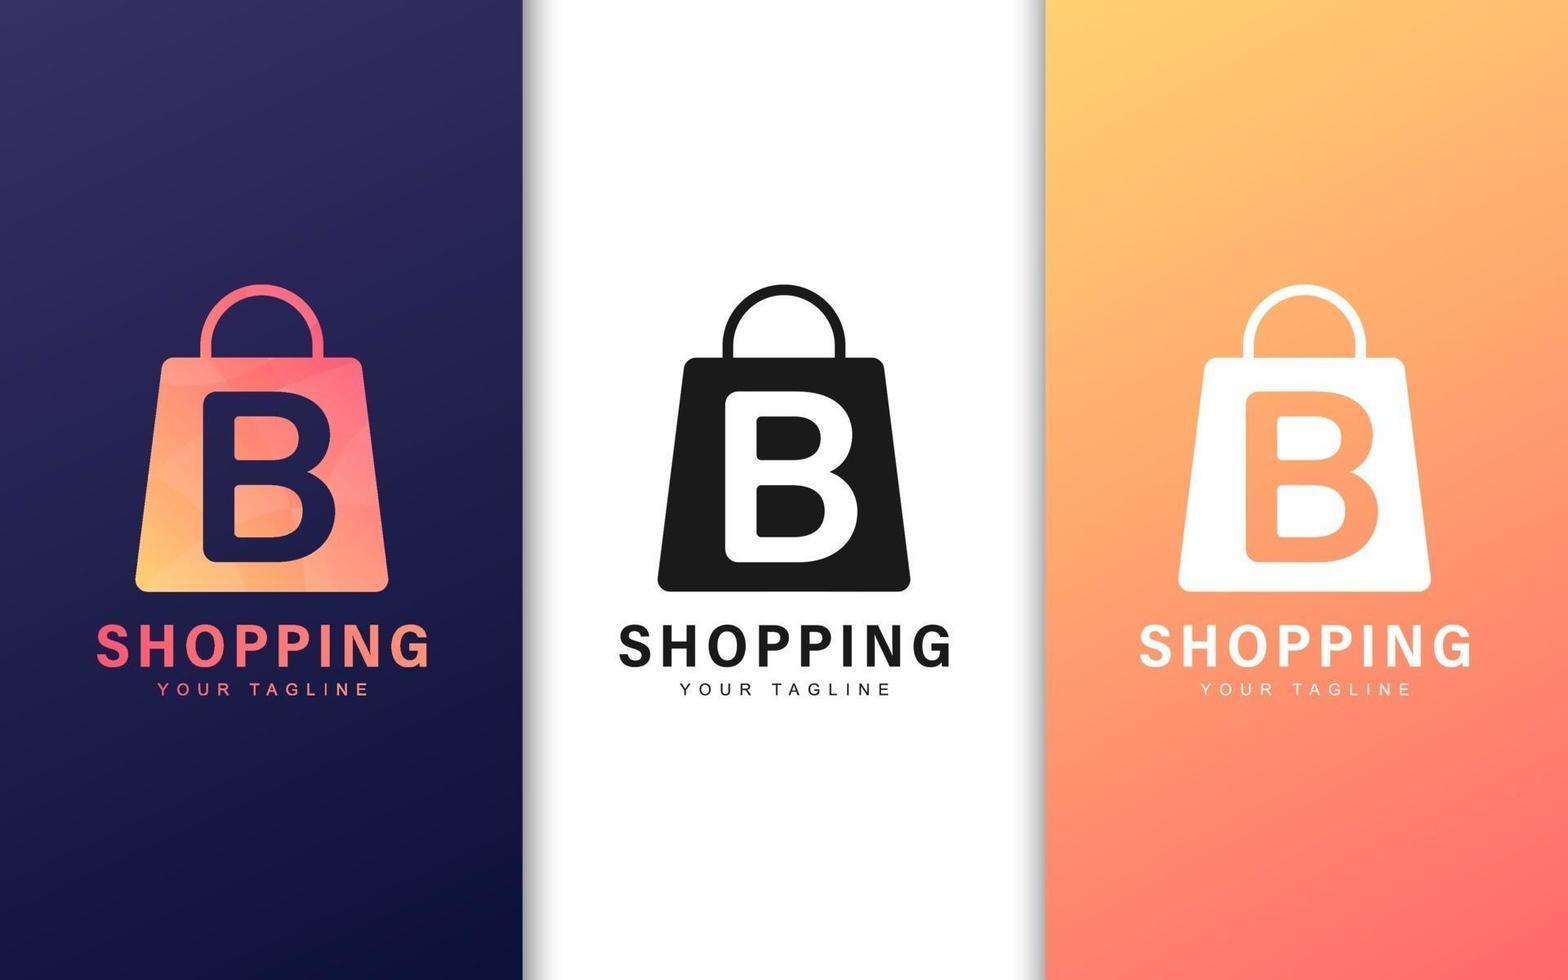 Buchstabe b Logo in einer Einkaufstasche mit einem modernen Konzept vektor